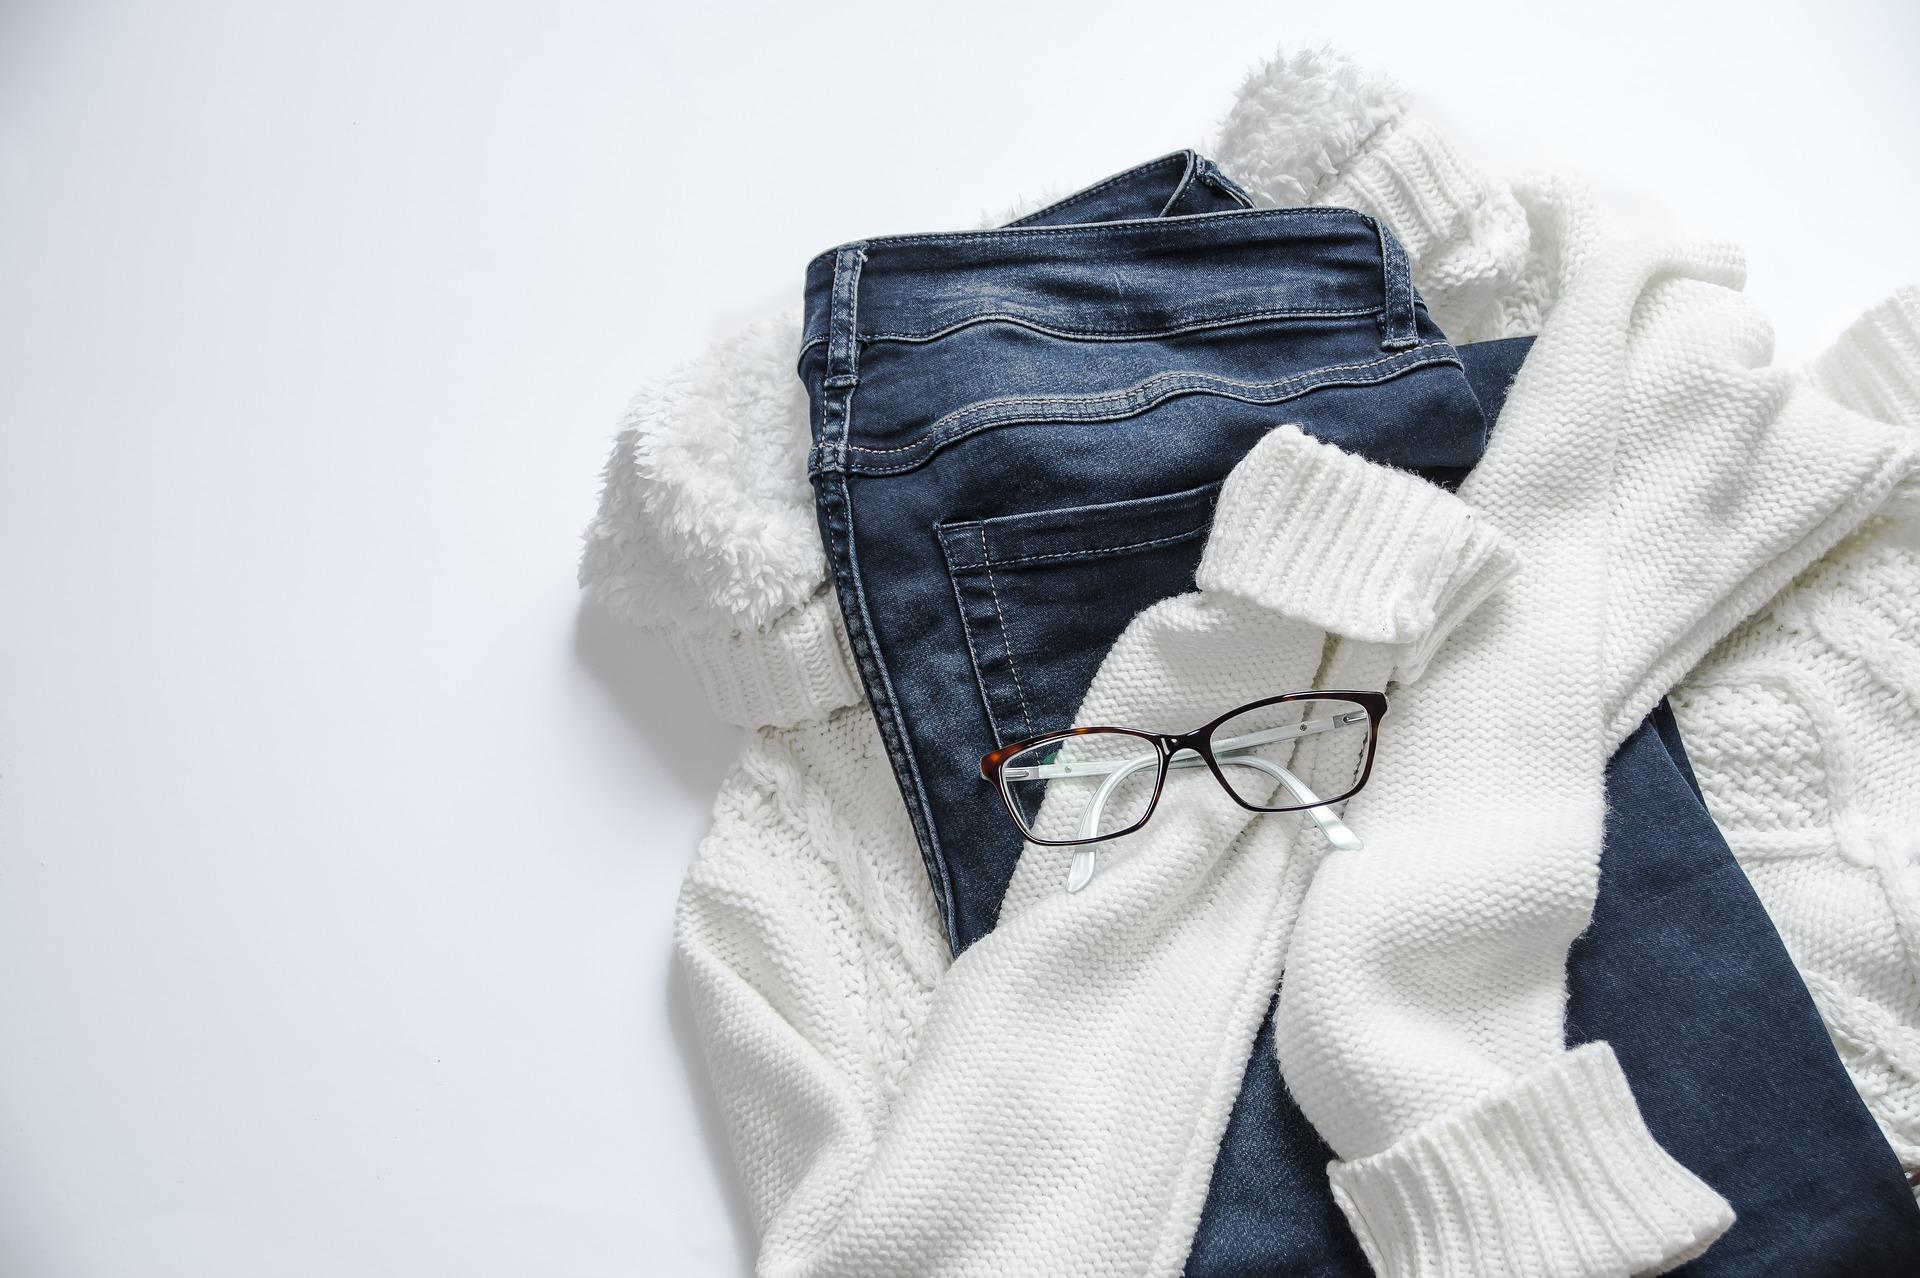 Bílý svetr, modré džíny a brýle